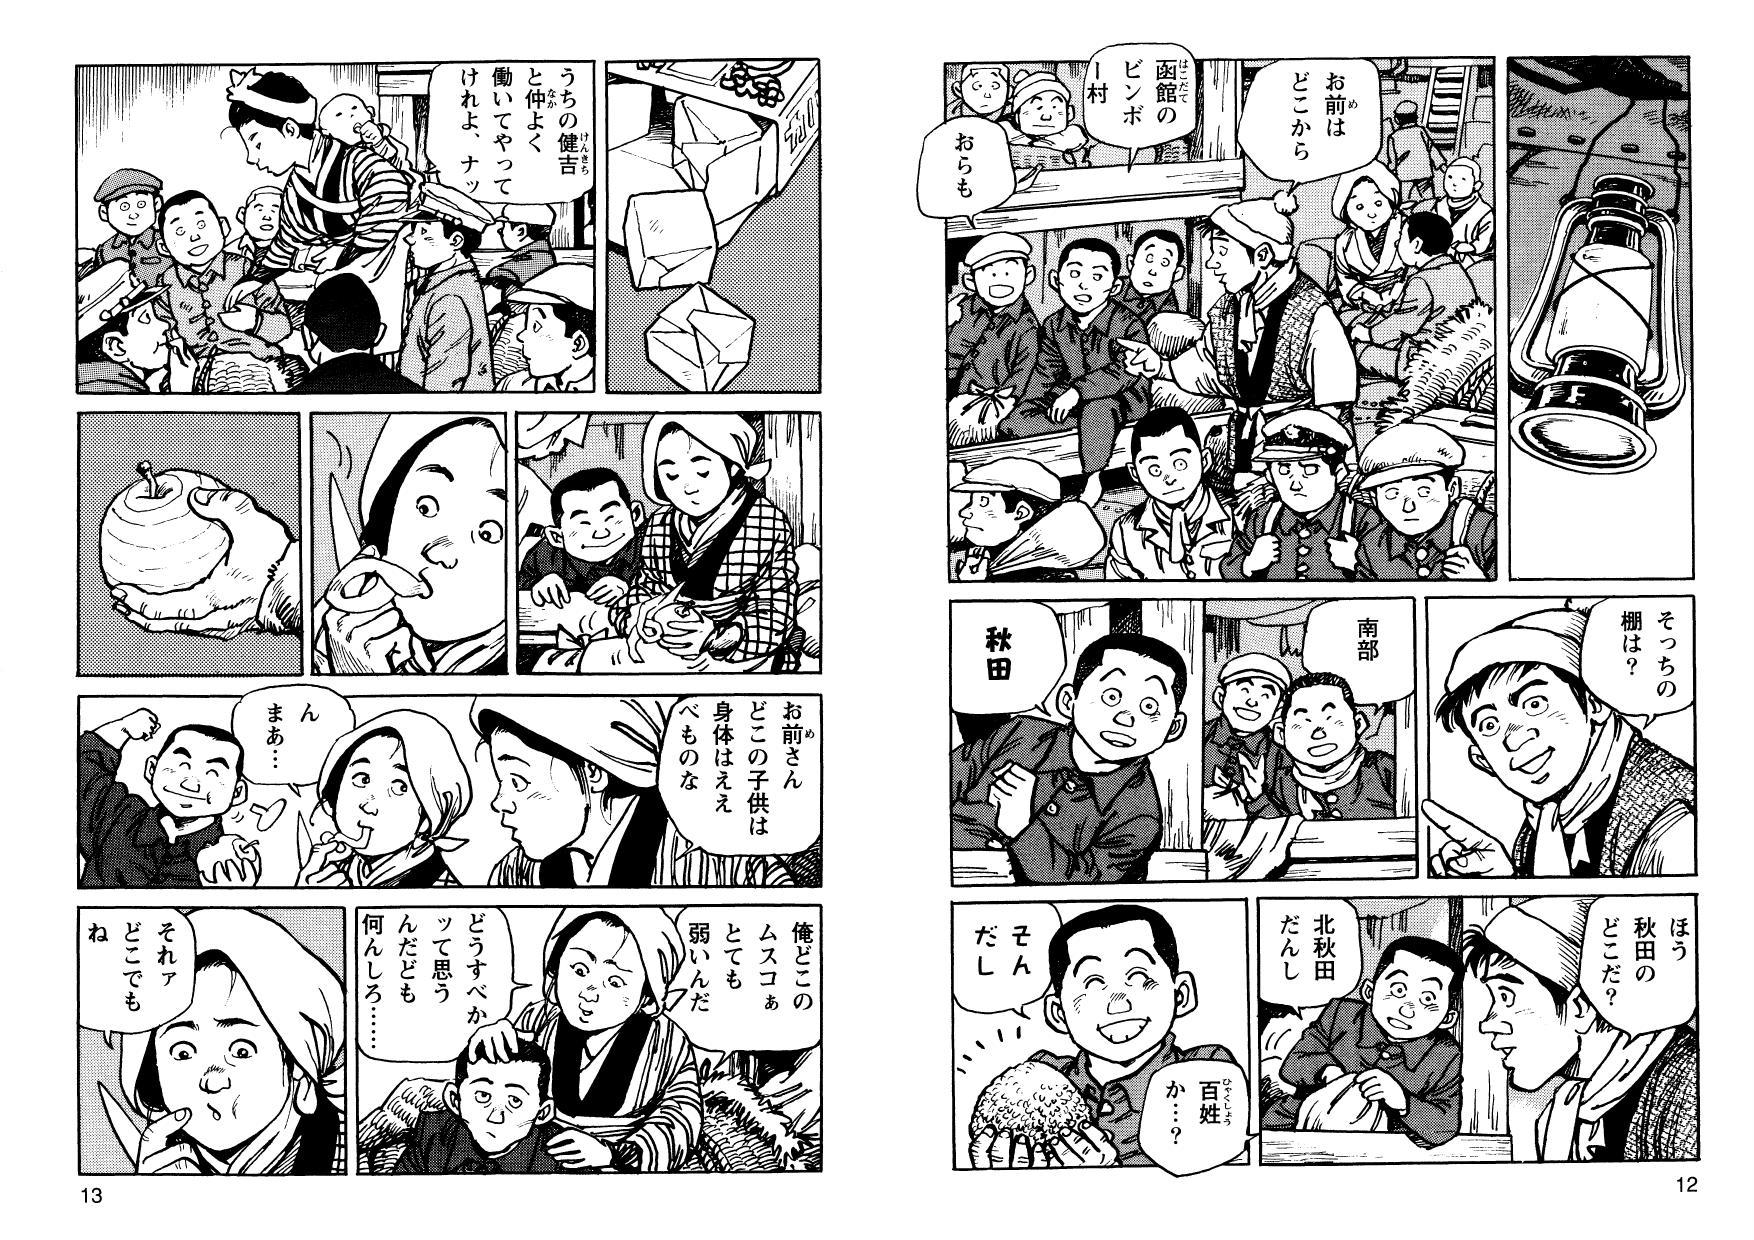 kani_cmc_000007.jpg